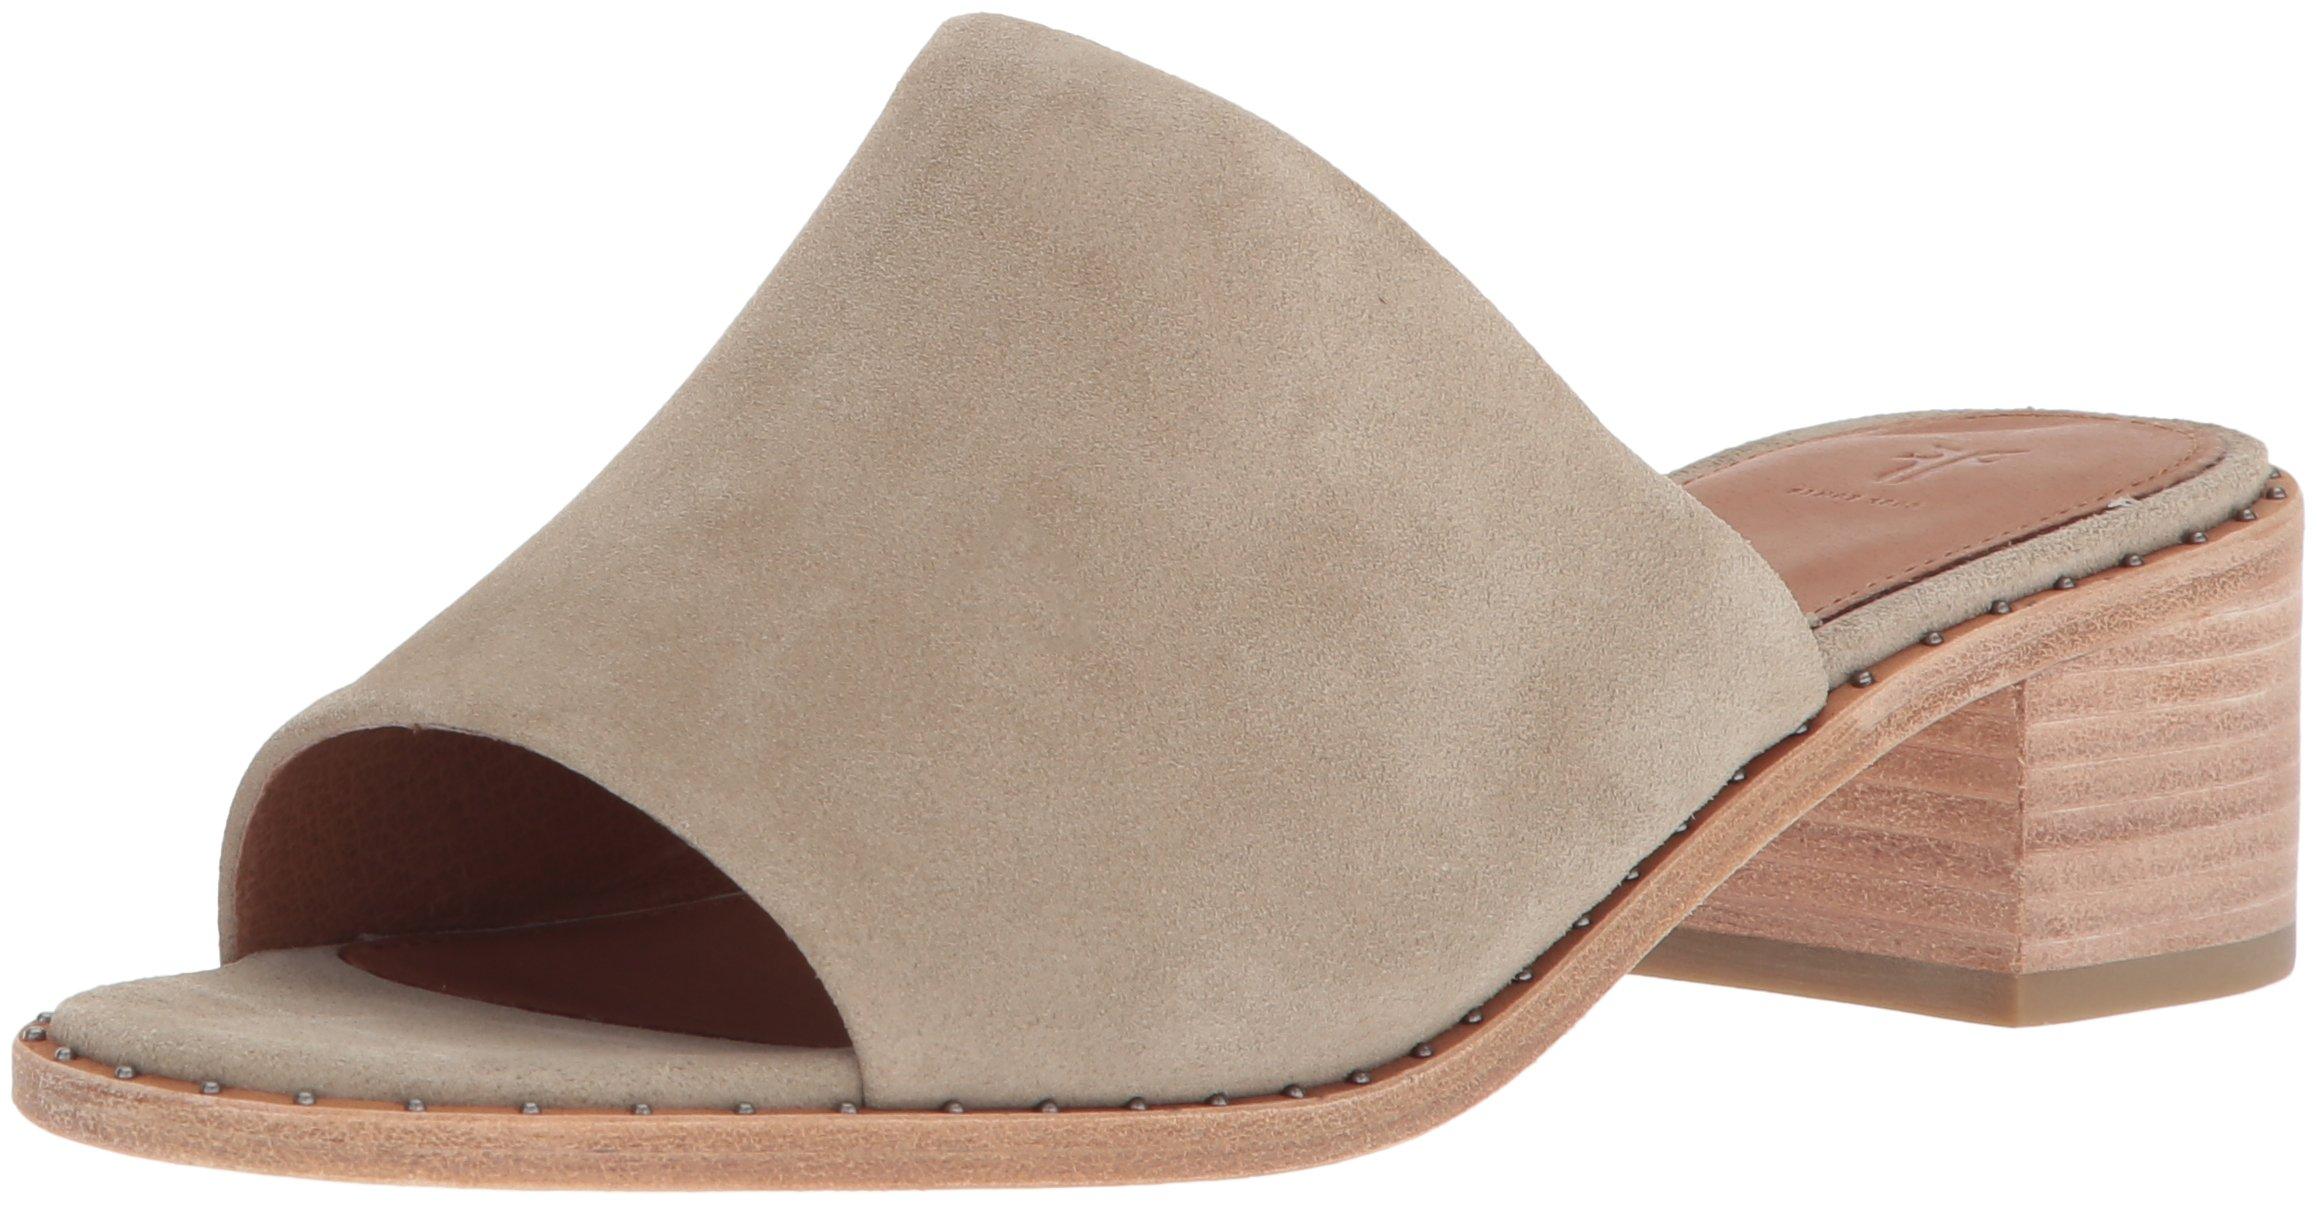 FRYE Women's Cindy Mule Heeled Sandal, Cement, 9.5 M US